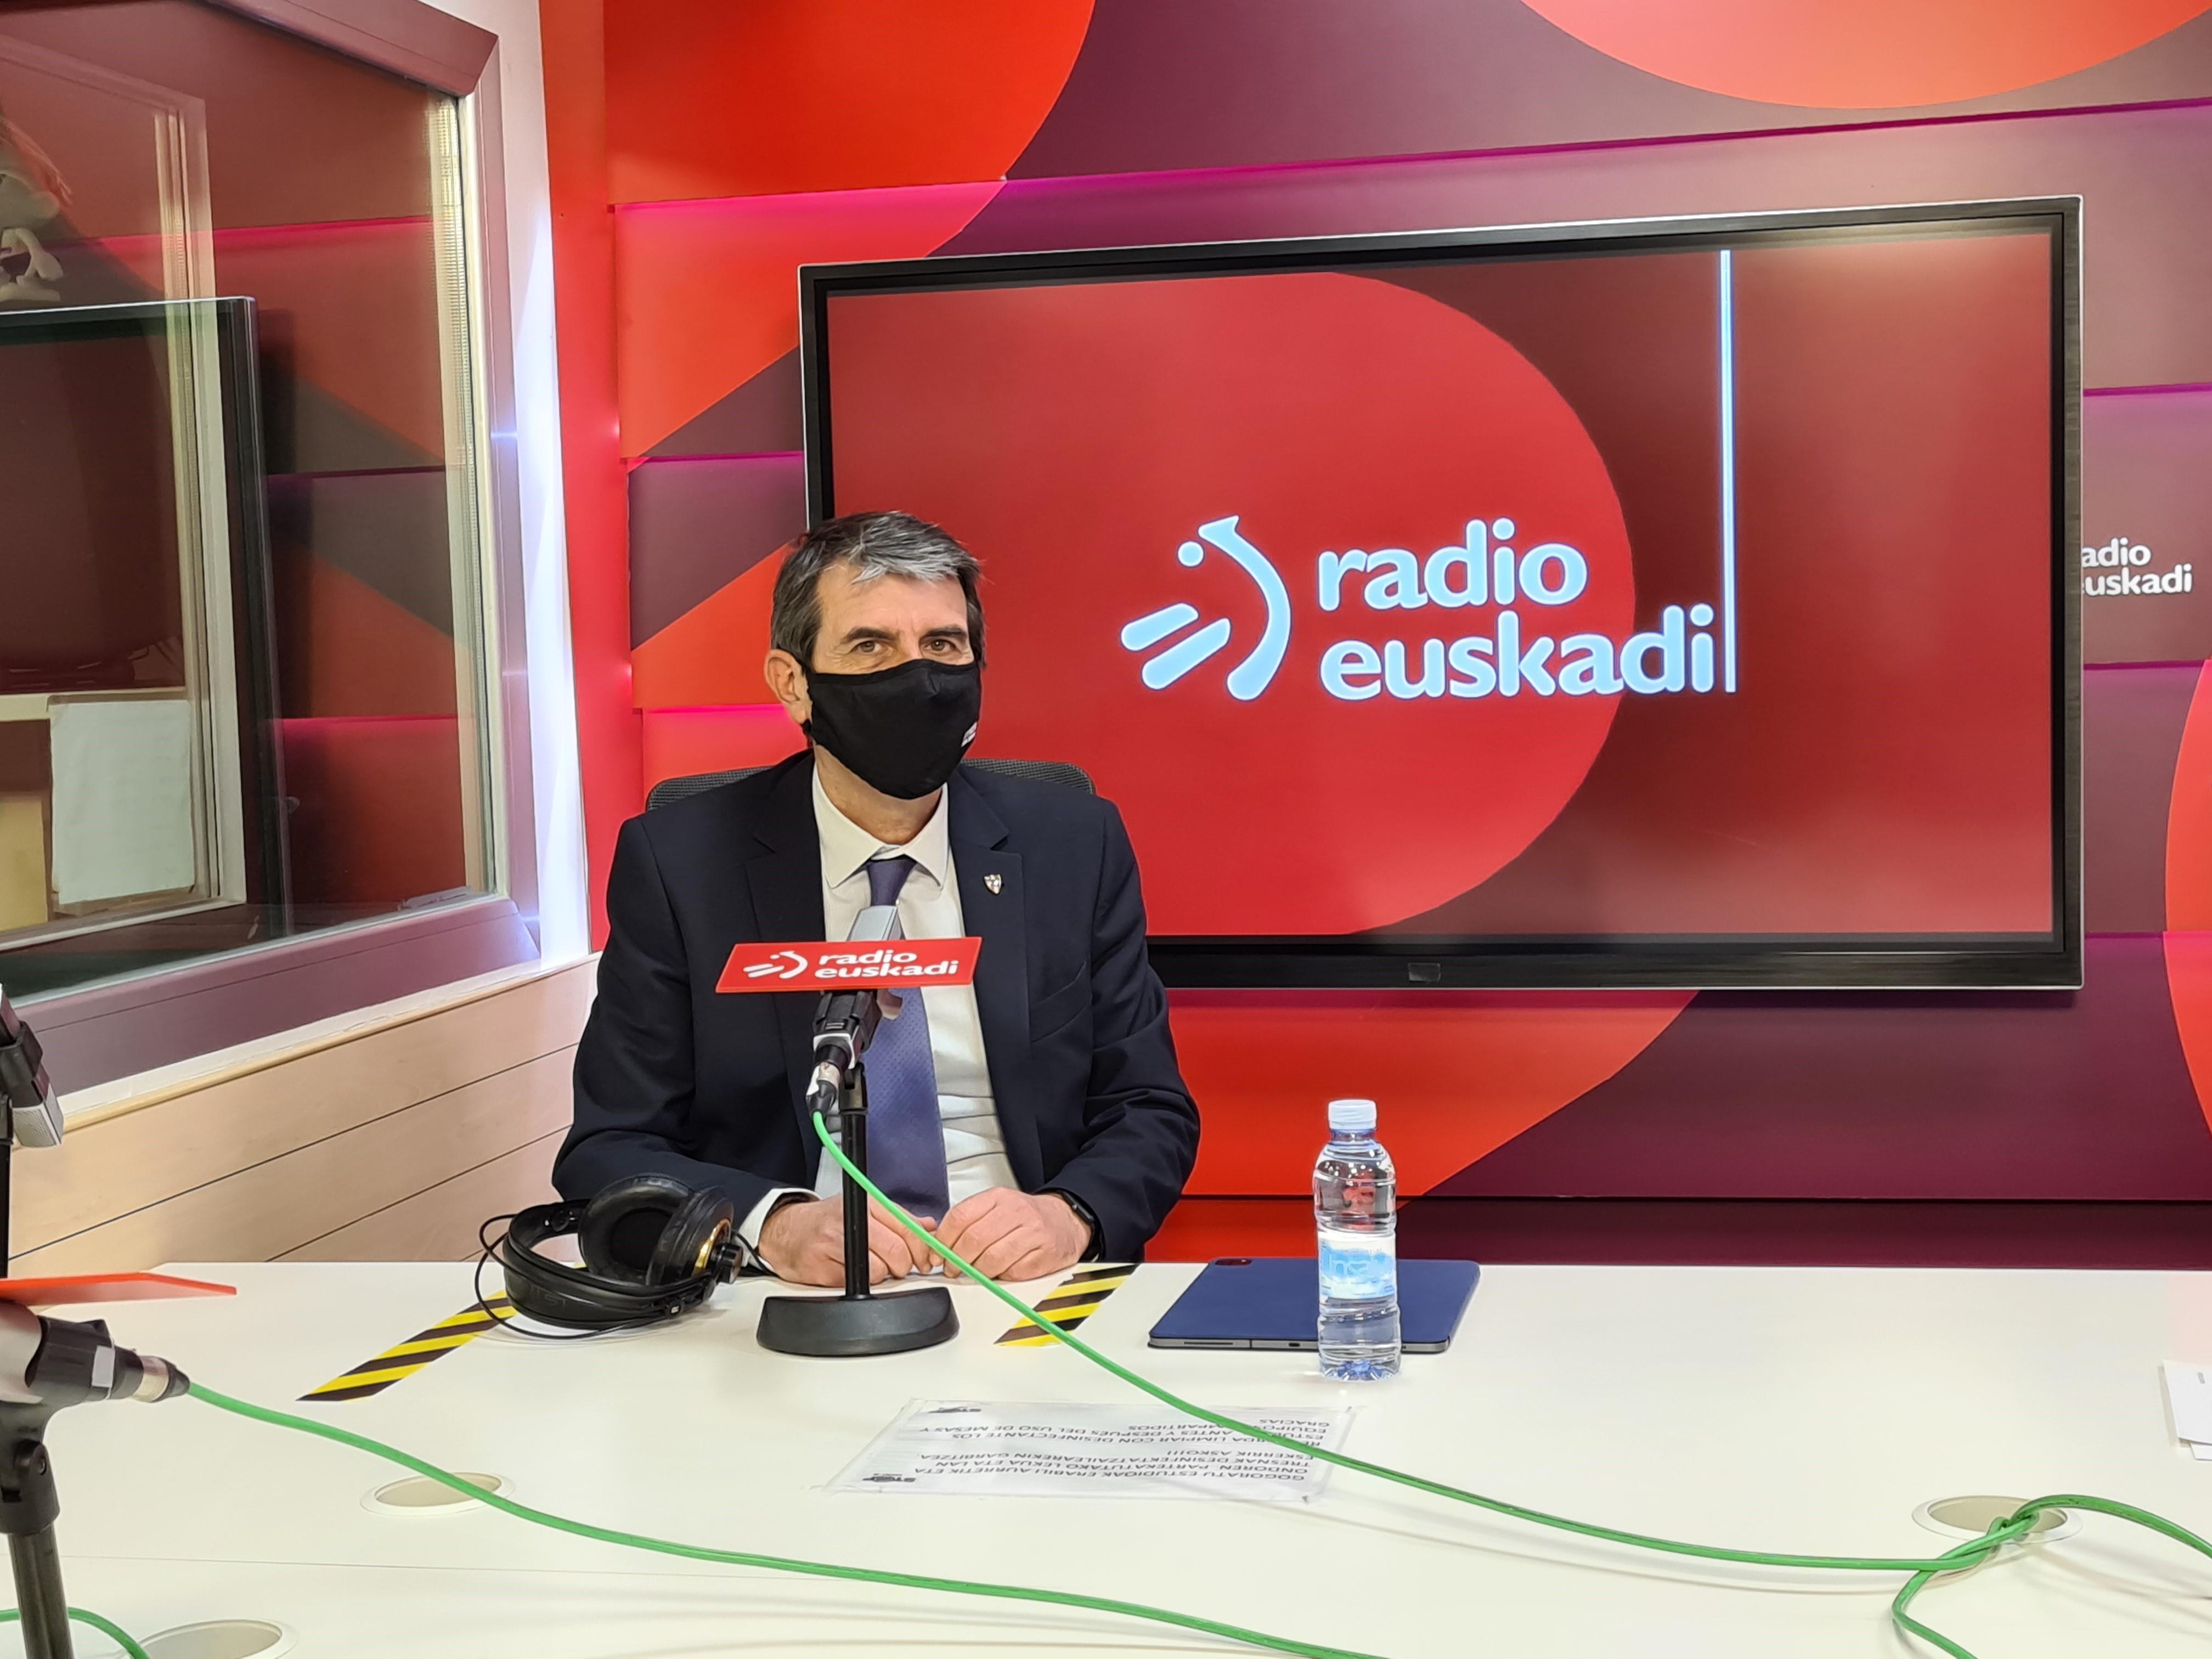 Josu Zubiaga Segurtasuneko Sailburuordeari elkarrizketa egin diote Radio Euskadin [16:04]